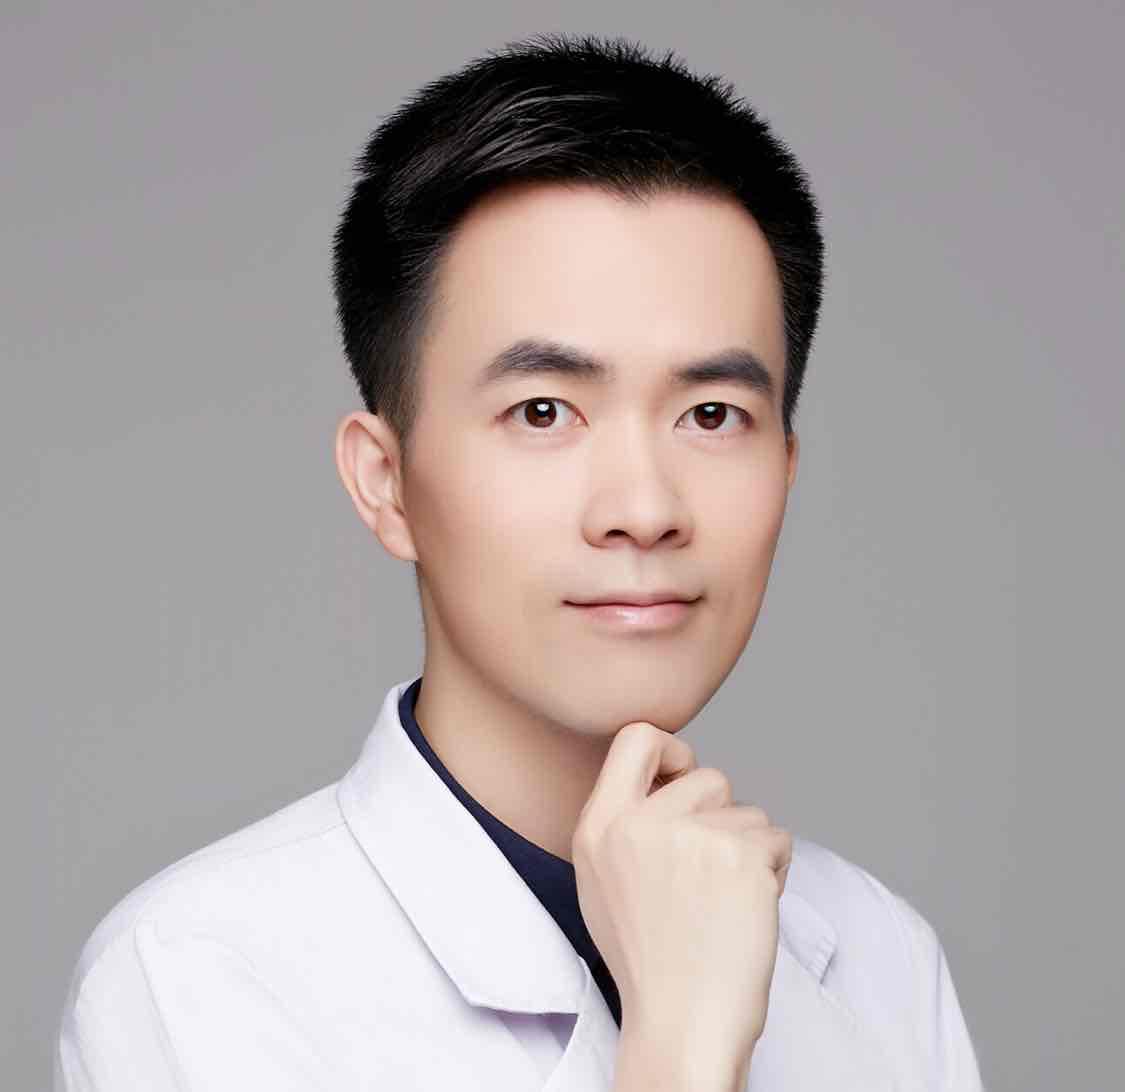 方祺 | 主治医师 | 天津市第一中心医院 | 男科